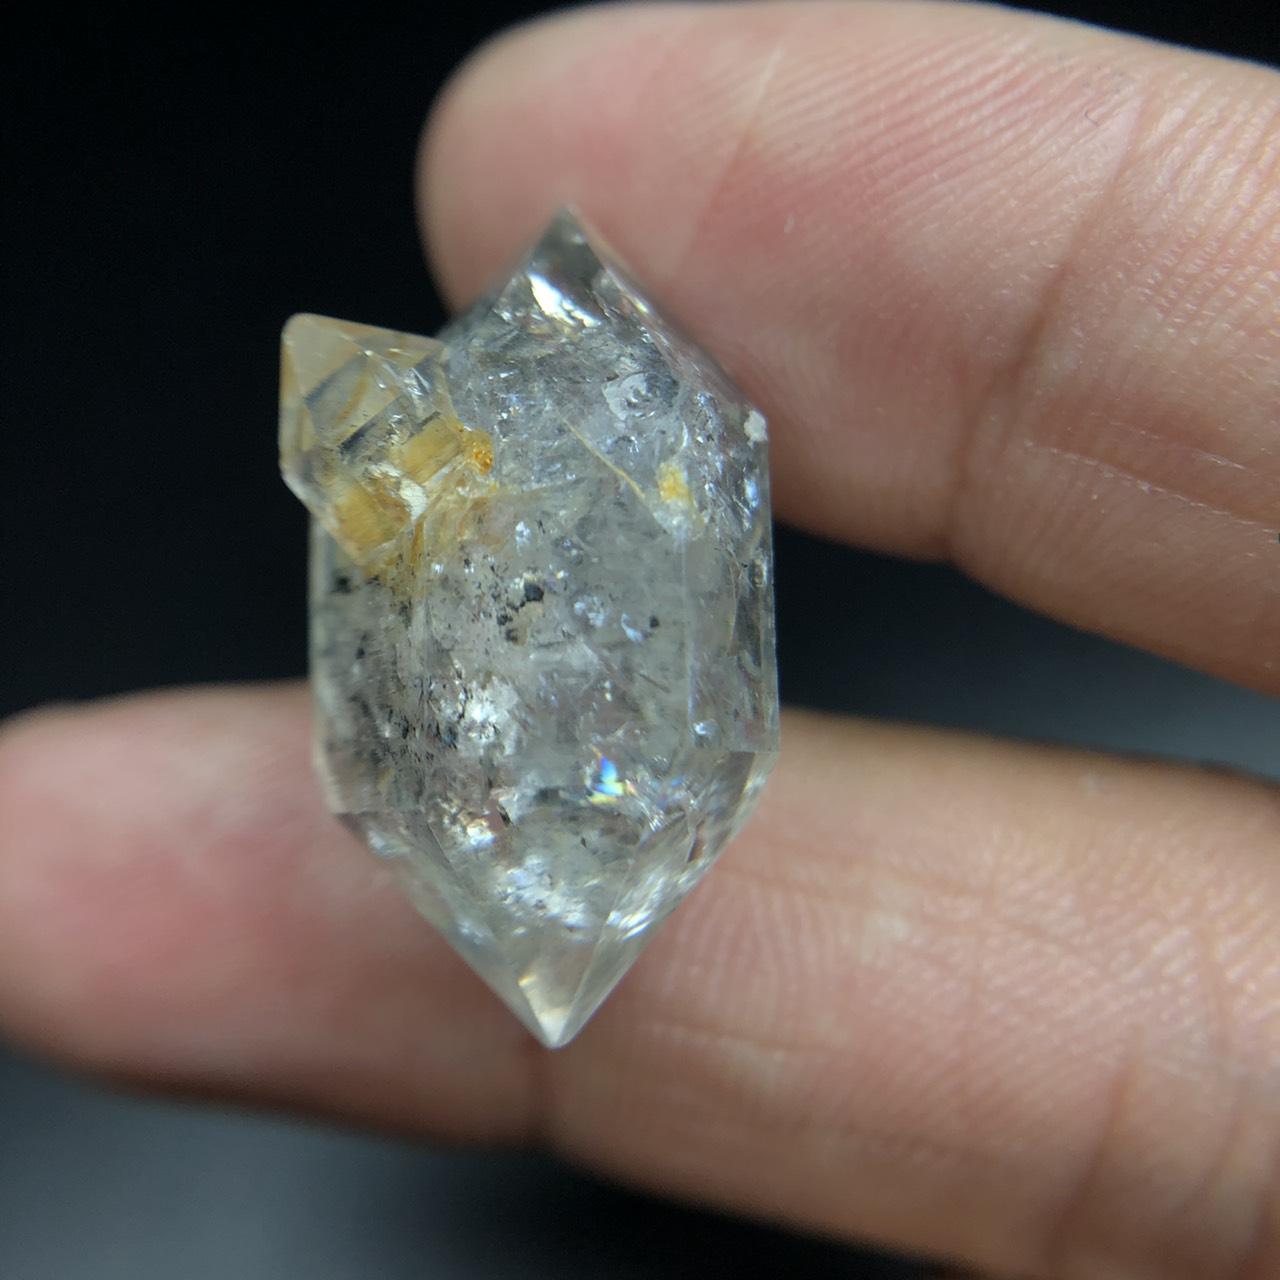 圖示-赫奇蒙水晶(Herkimer Diamond)